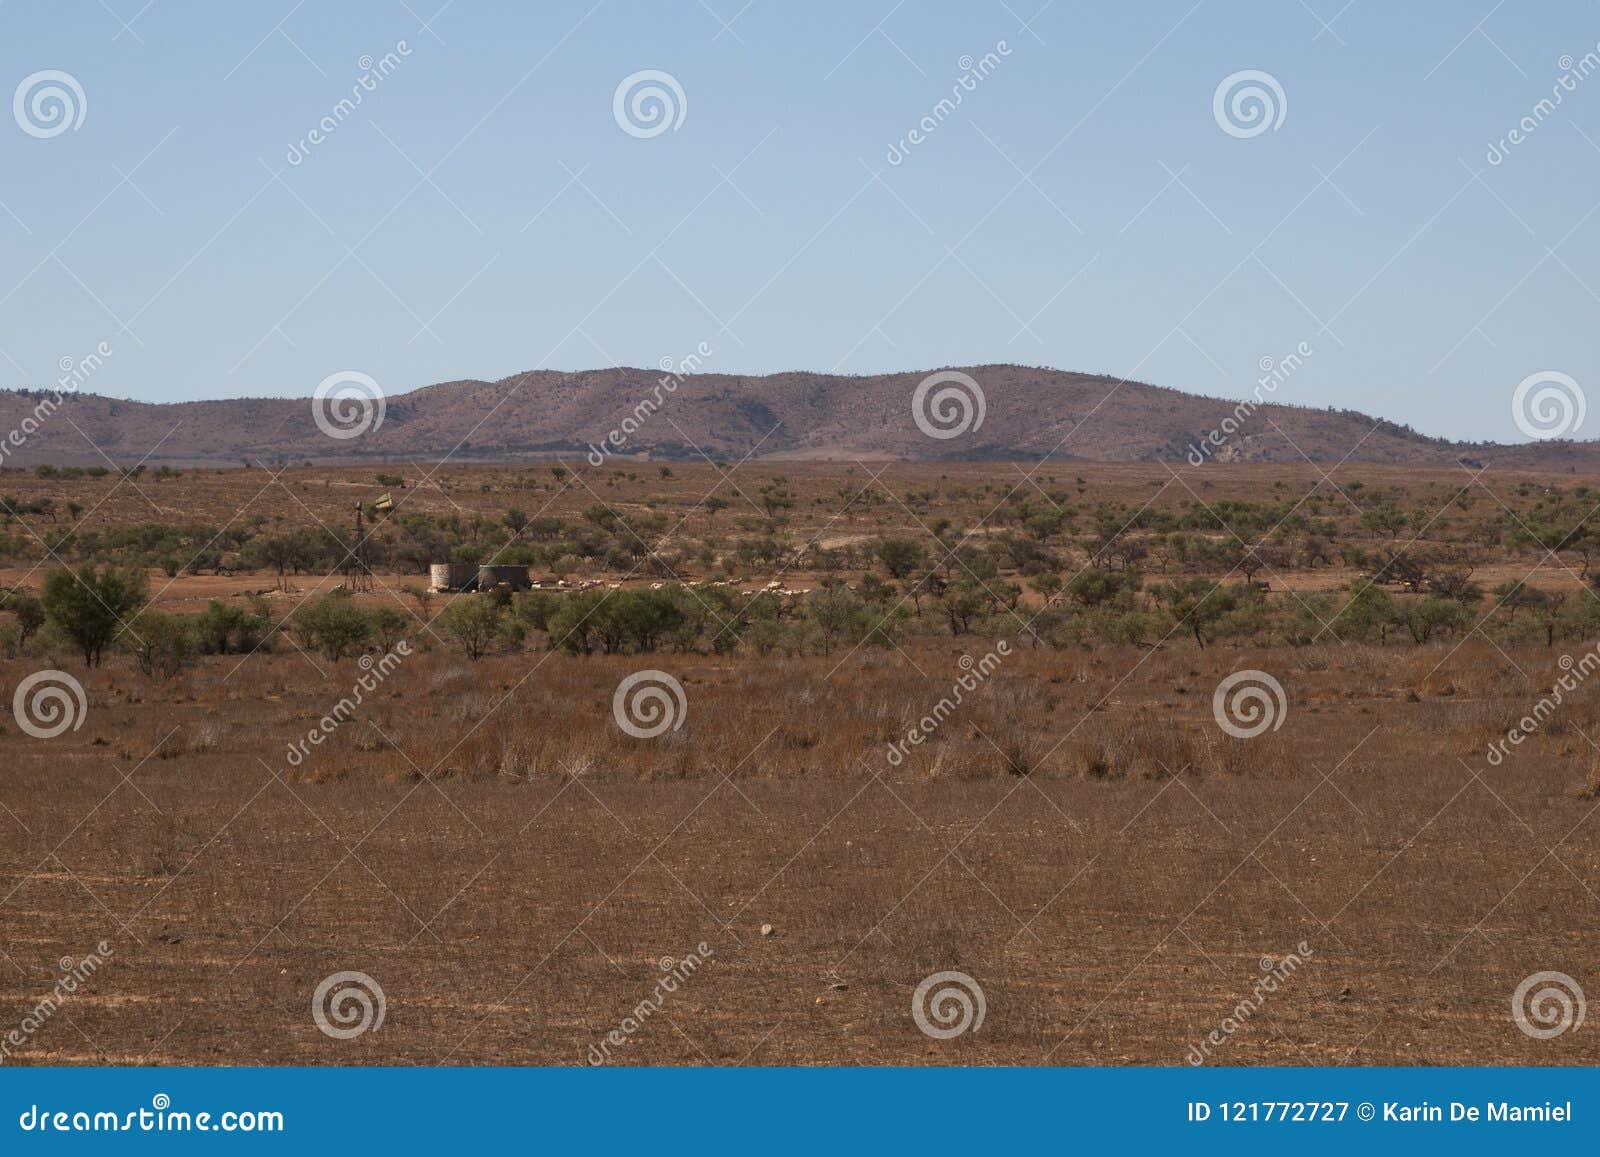 Vista panorâmica do prado com moinho de vento, tanques de água e carneiros